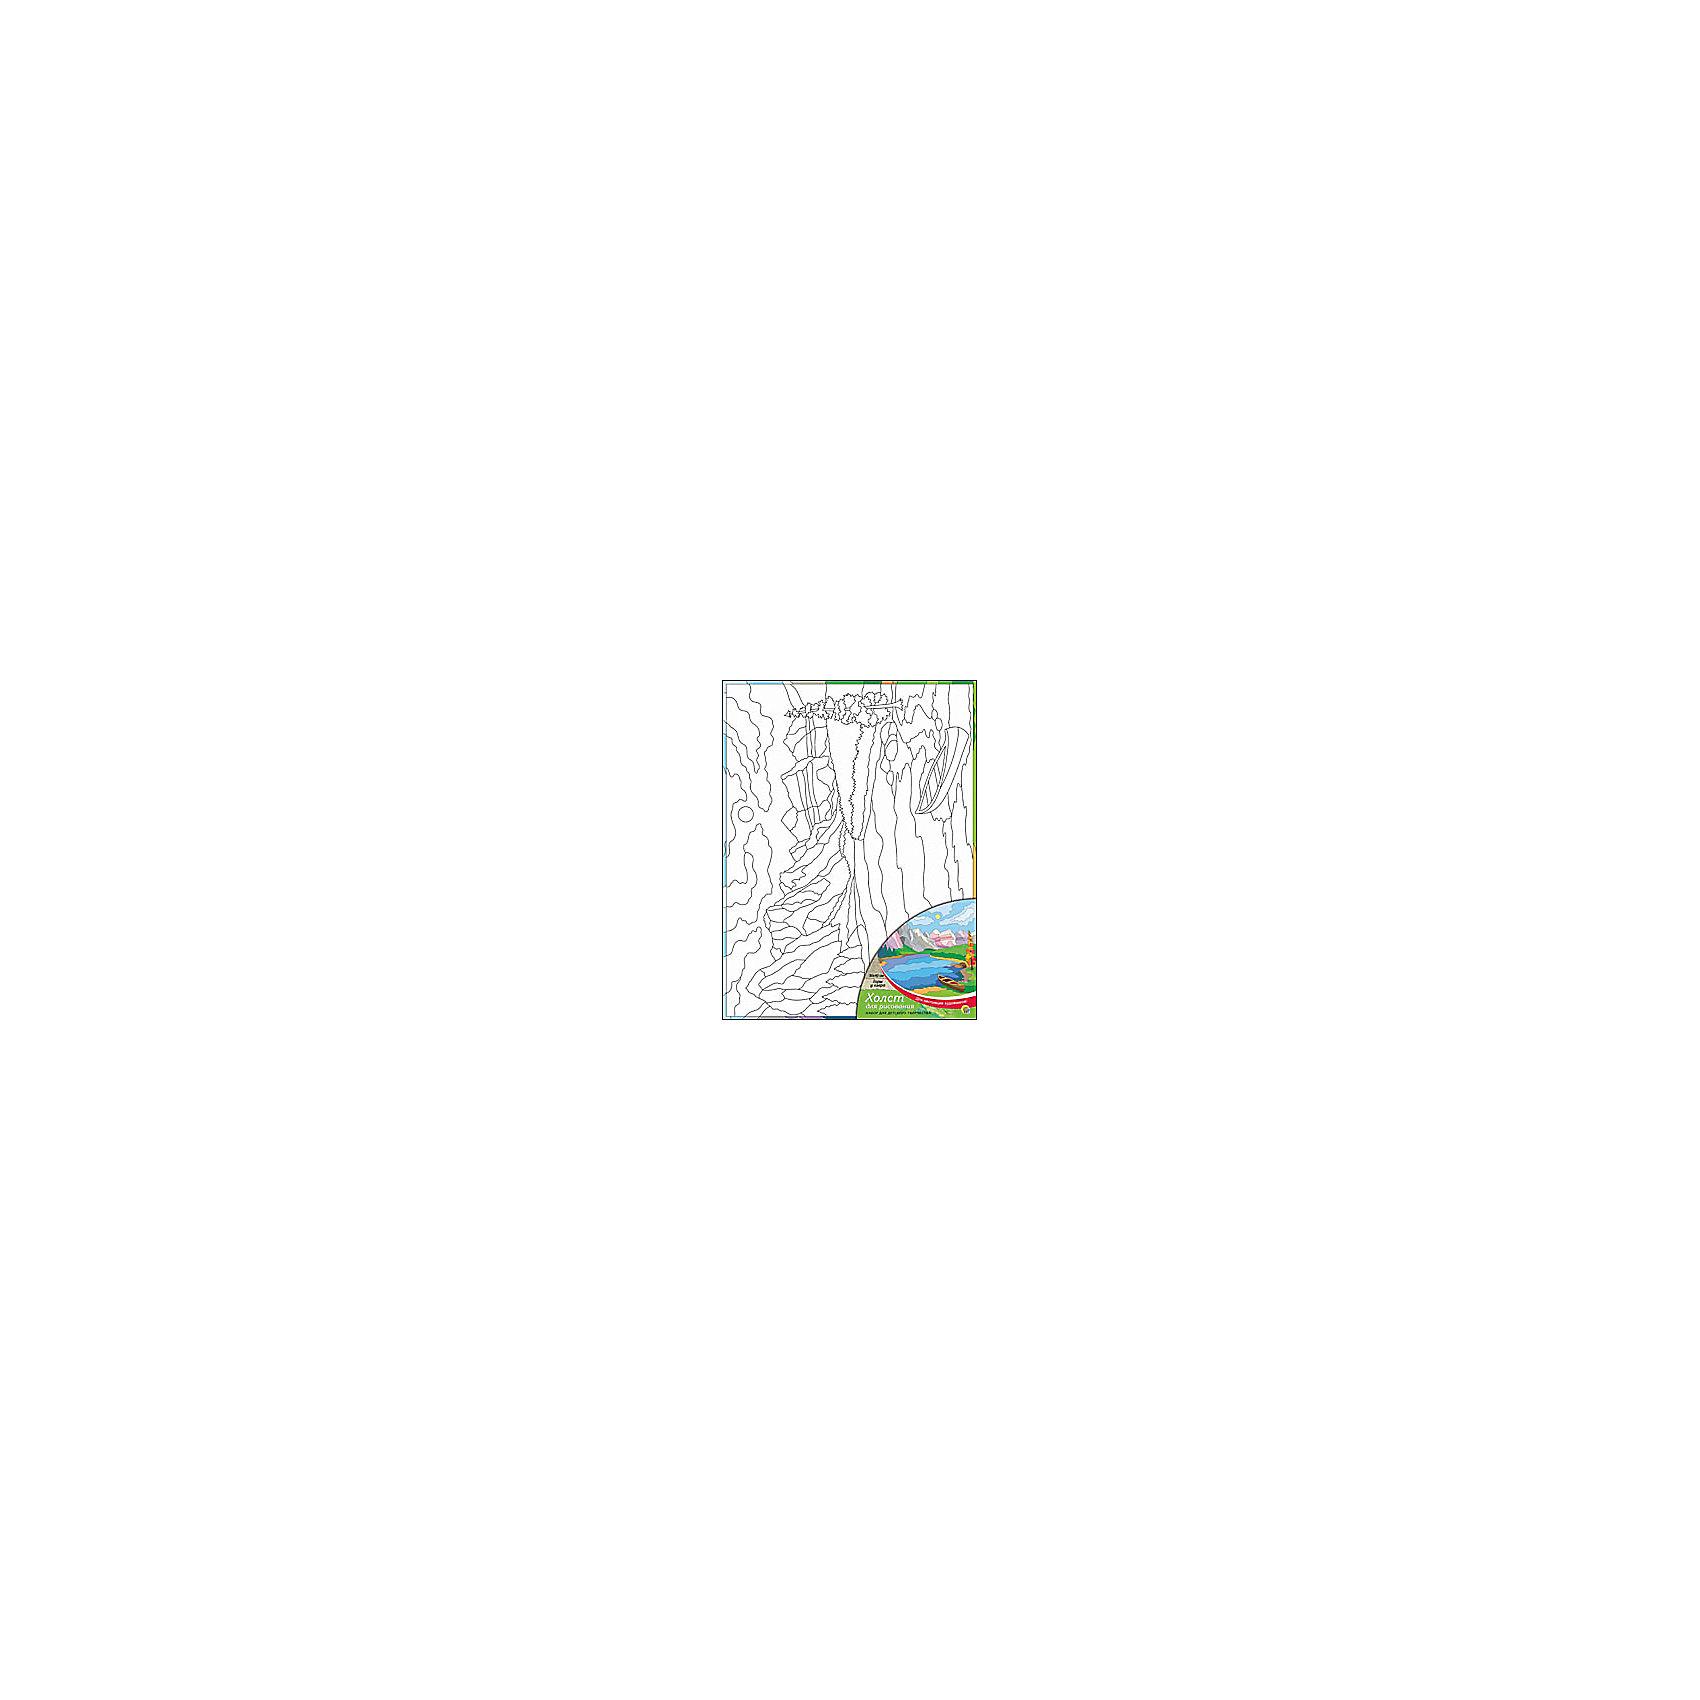 Холст с красками Горы у озера, 30х40 смДля любителей творчества прекрасно подойдет набор Горы у озера. Ребенок раскрасит нанесенный на холст эскиз яркими акриловыми красками. Такое творчество поможет развить аккуратность, усидчивость и художественные навыки. Готовую картину можно подарить друзьям или оставить для украшения своей комнаты.<br><br>Дополнительная информация:<br>В наборе: холст-эскиз, 16 акриловых красок, кисточка<br>Размер: 30х1,5х40 см<br>Вес: 370 грамм<br>Вы можете приобрести холст с красками Горы у озера в нашем интернет-магазине.<br><br>Ширина мм: 400<br>Глубина мм: 15<br>Высота мм: 300<br>Вес г: 370<br>Возраст от месяцев: 36<br>Возраст до месяцев: 120<br>Пол: Унисекс<br>Возраст: Детский<br>SKU: 4939547